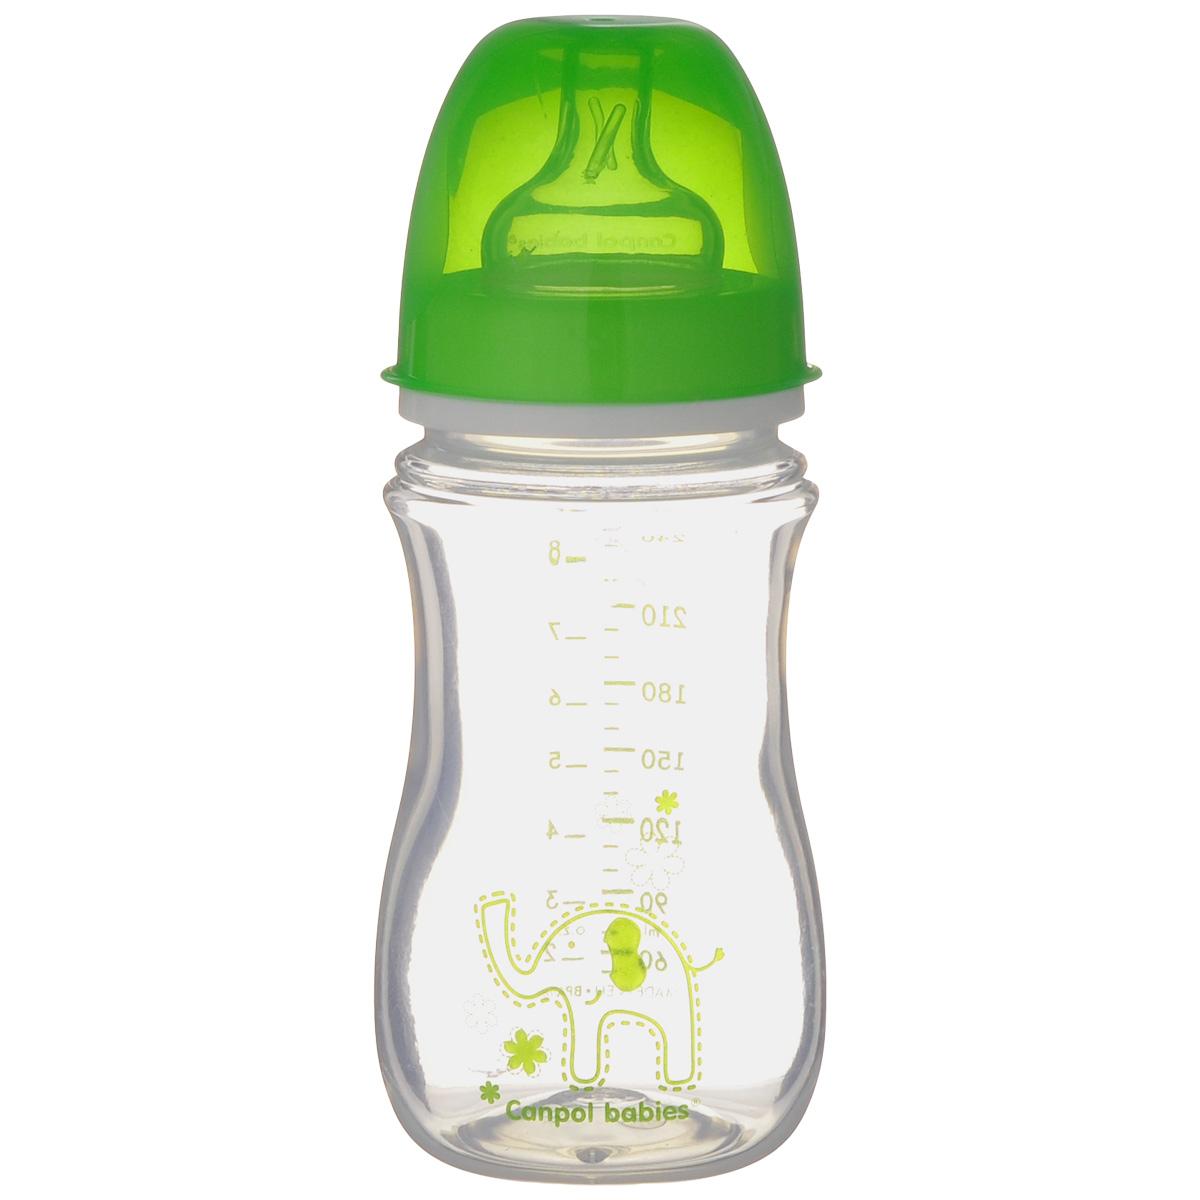 Canpol Babies Бутылочка антиколиковая Easy Start цвет зеленый 240 мл35/206_зеленыйБутылочка для кормления Canpol Babies Easy Start разработана специально, чтобы предоставить возможность сочетать грудное вскармливание и кормление из бутылочки, предотвратить появление колик. Бутылочка оснащена соской с системой вентиляции, препятствующей появлению колик. Соска напоминает по форме материнскую грудь. Крышка плотно закрывает соску, предохраняя ее от повреждения. Широкое горлышко и удобная мерная шкала позволяют быстро и точно подготовить необходимое количество пищи. Бутылочка выполнена в ярких цветах и оформлена красочным изображением очаровательного животного.